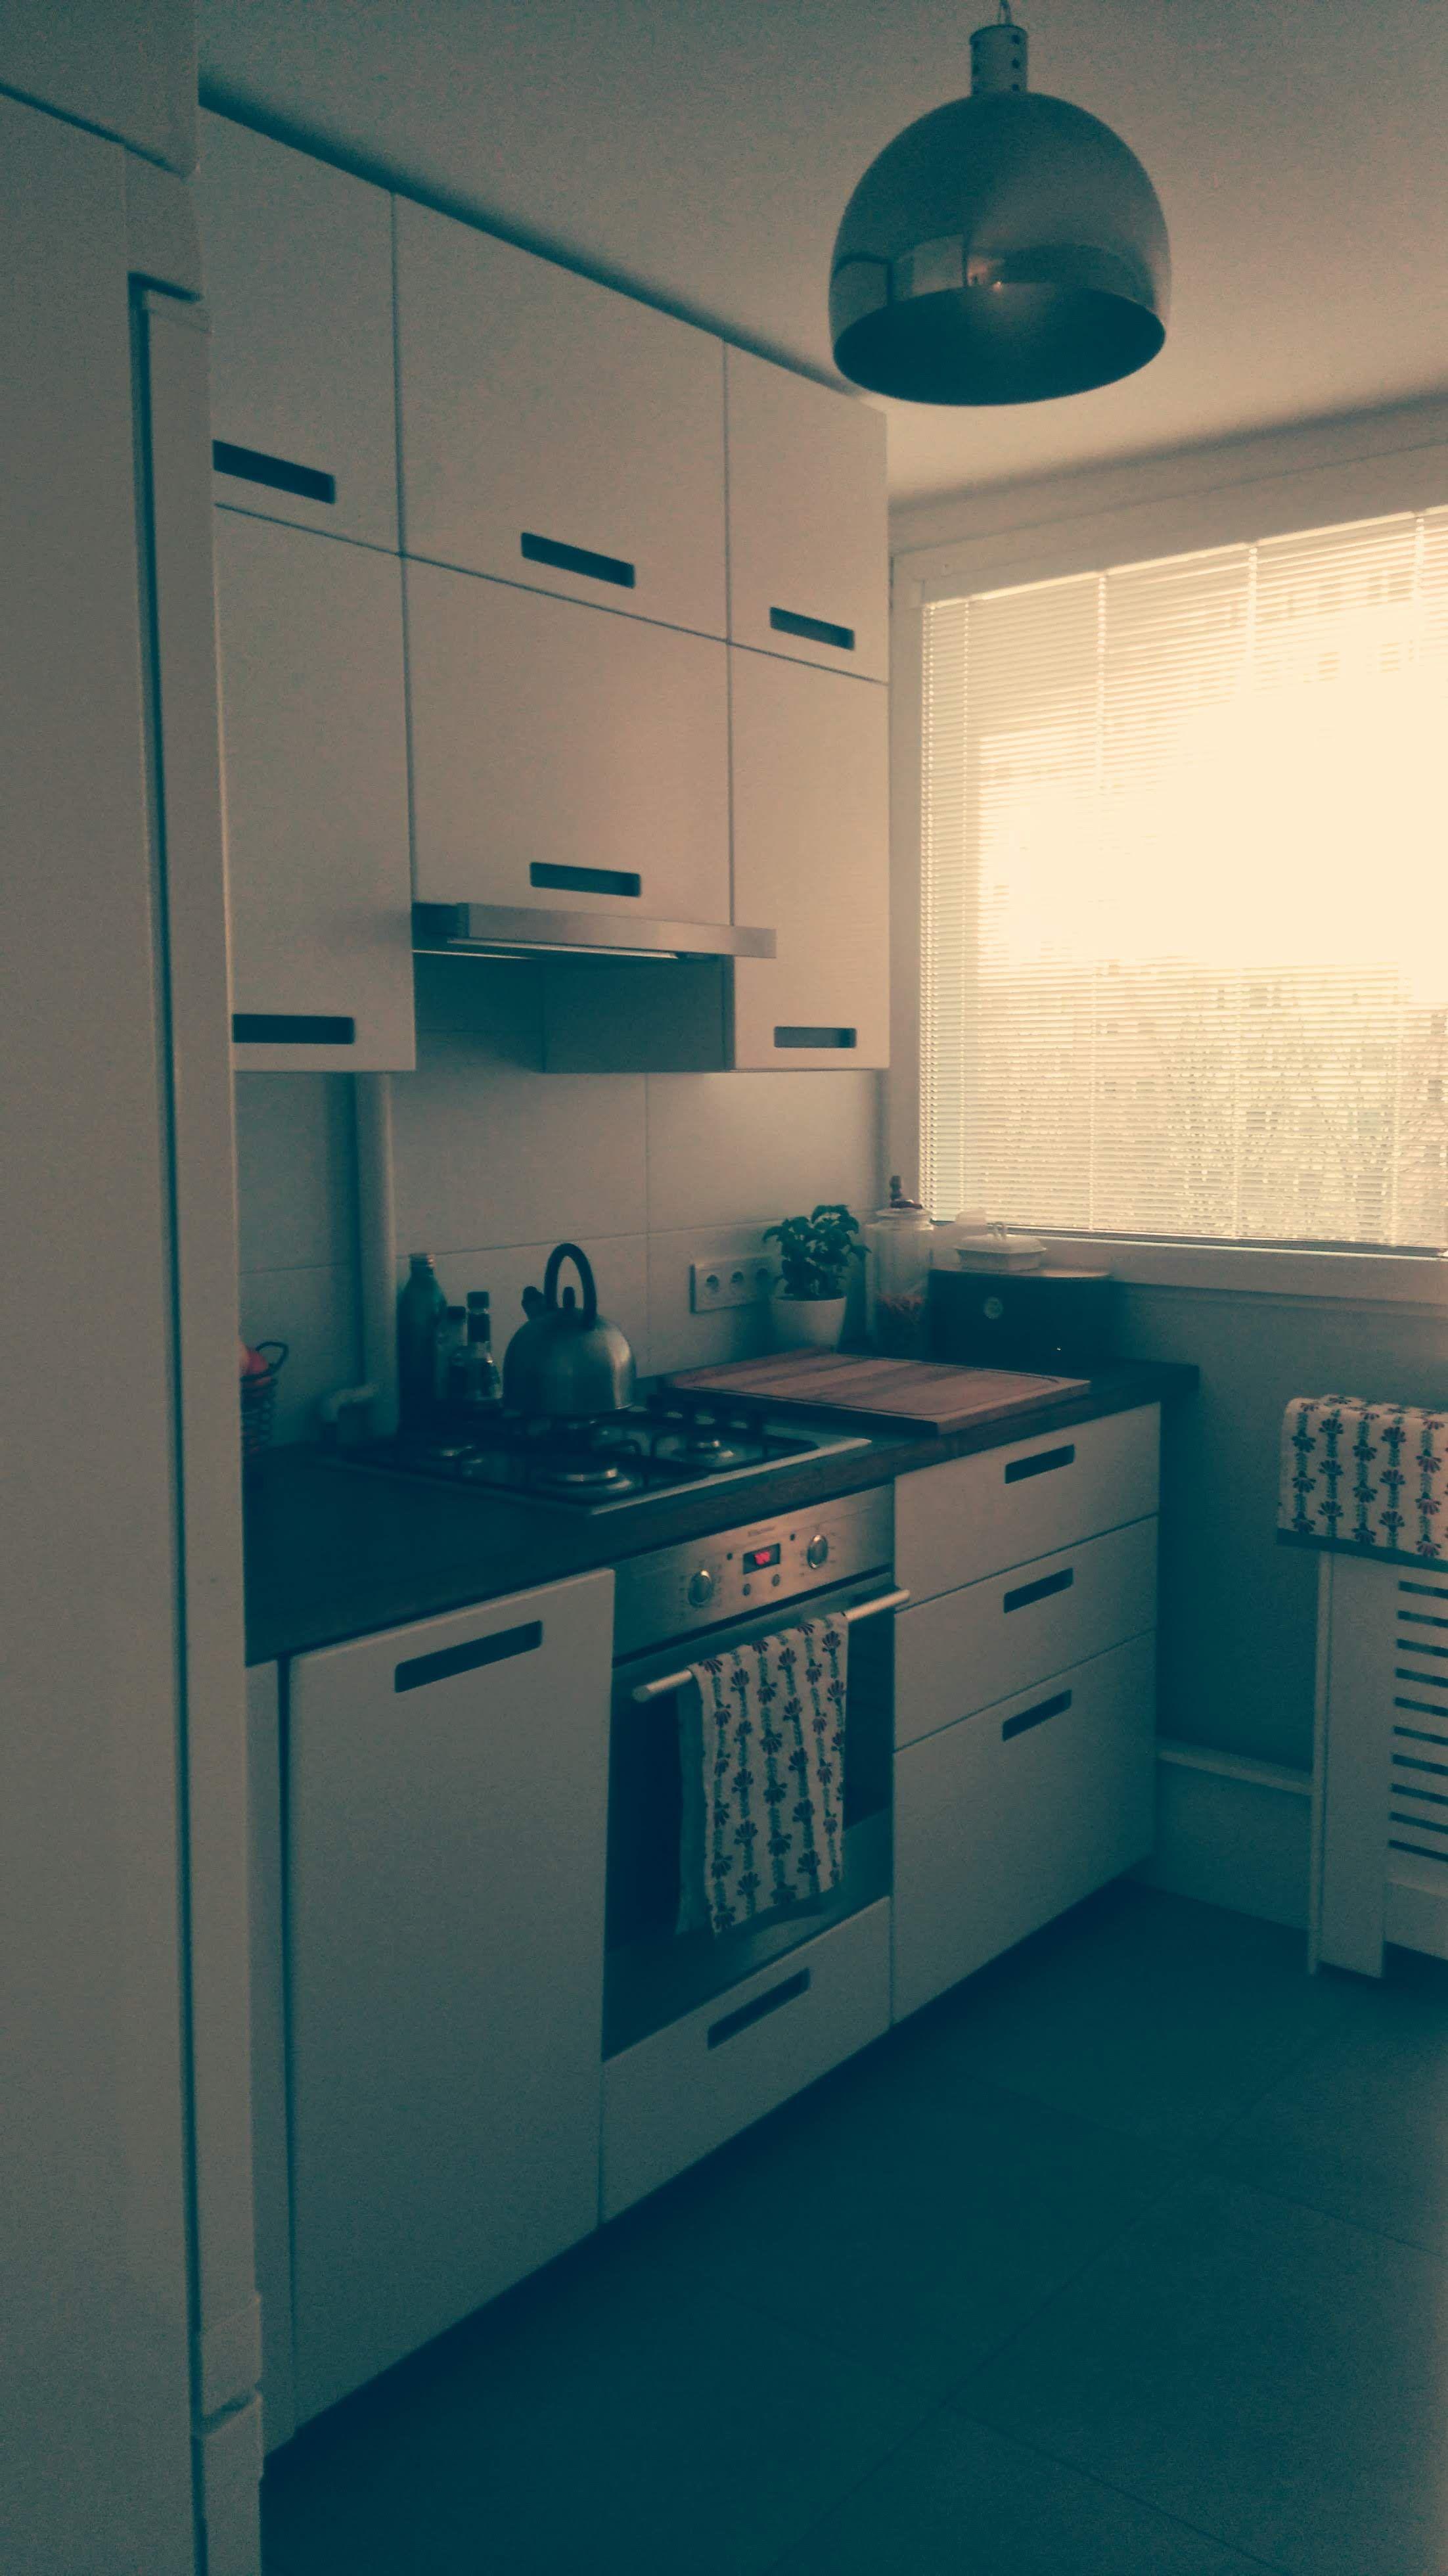 Kuchnia W Bloku Z Wielkiej Plyty Mojstorczyk Pl Kitchen Kitchen Cabinets Home Decor